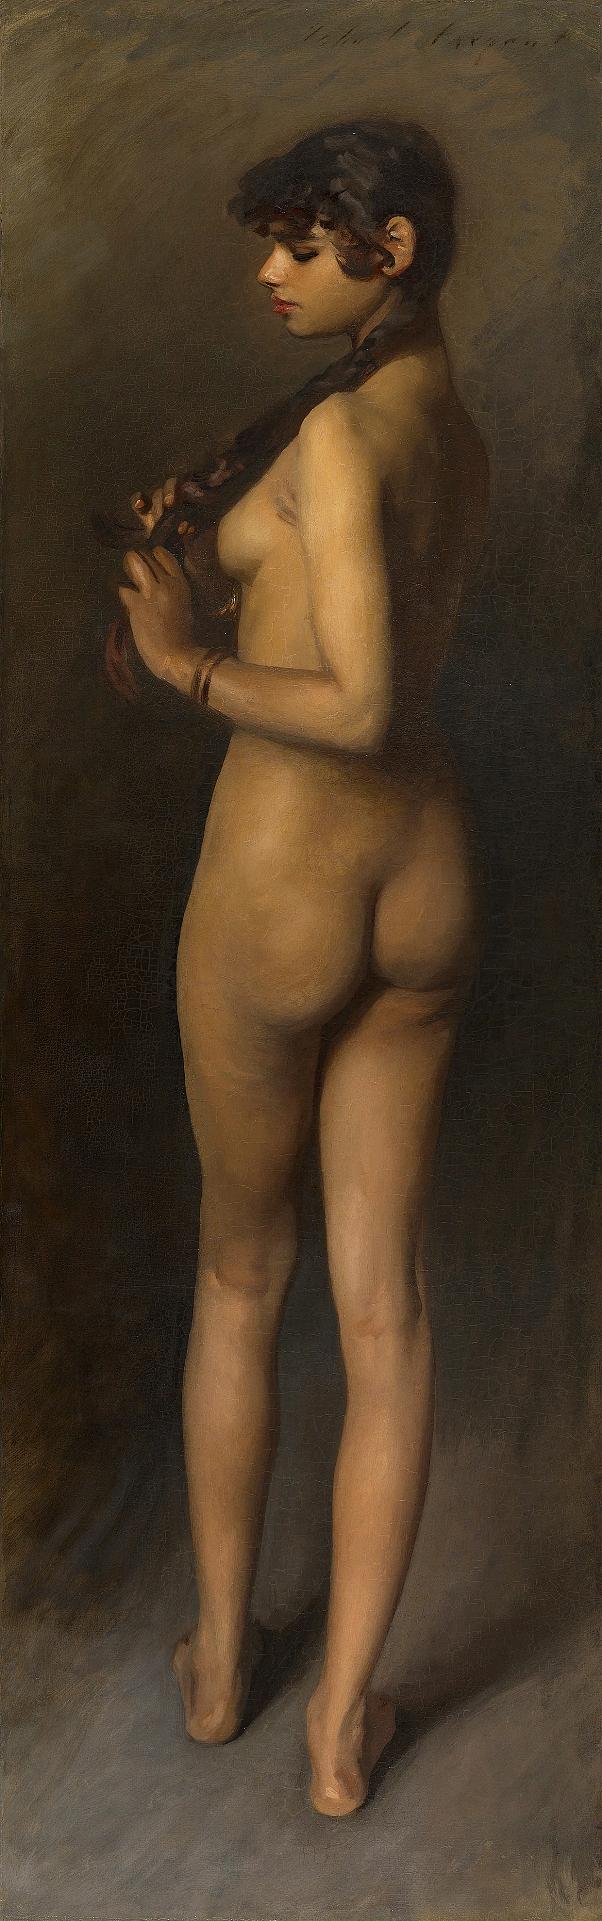 Исследование жизни. Этюд египетской девушки, 1891. Джон Сингер Сарджент (1856-1925), американский художник